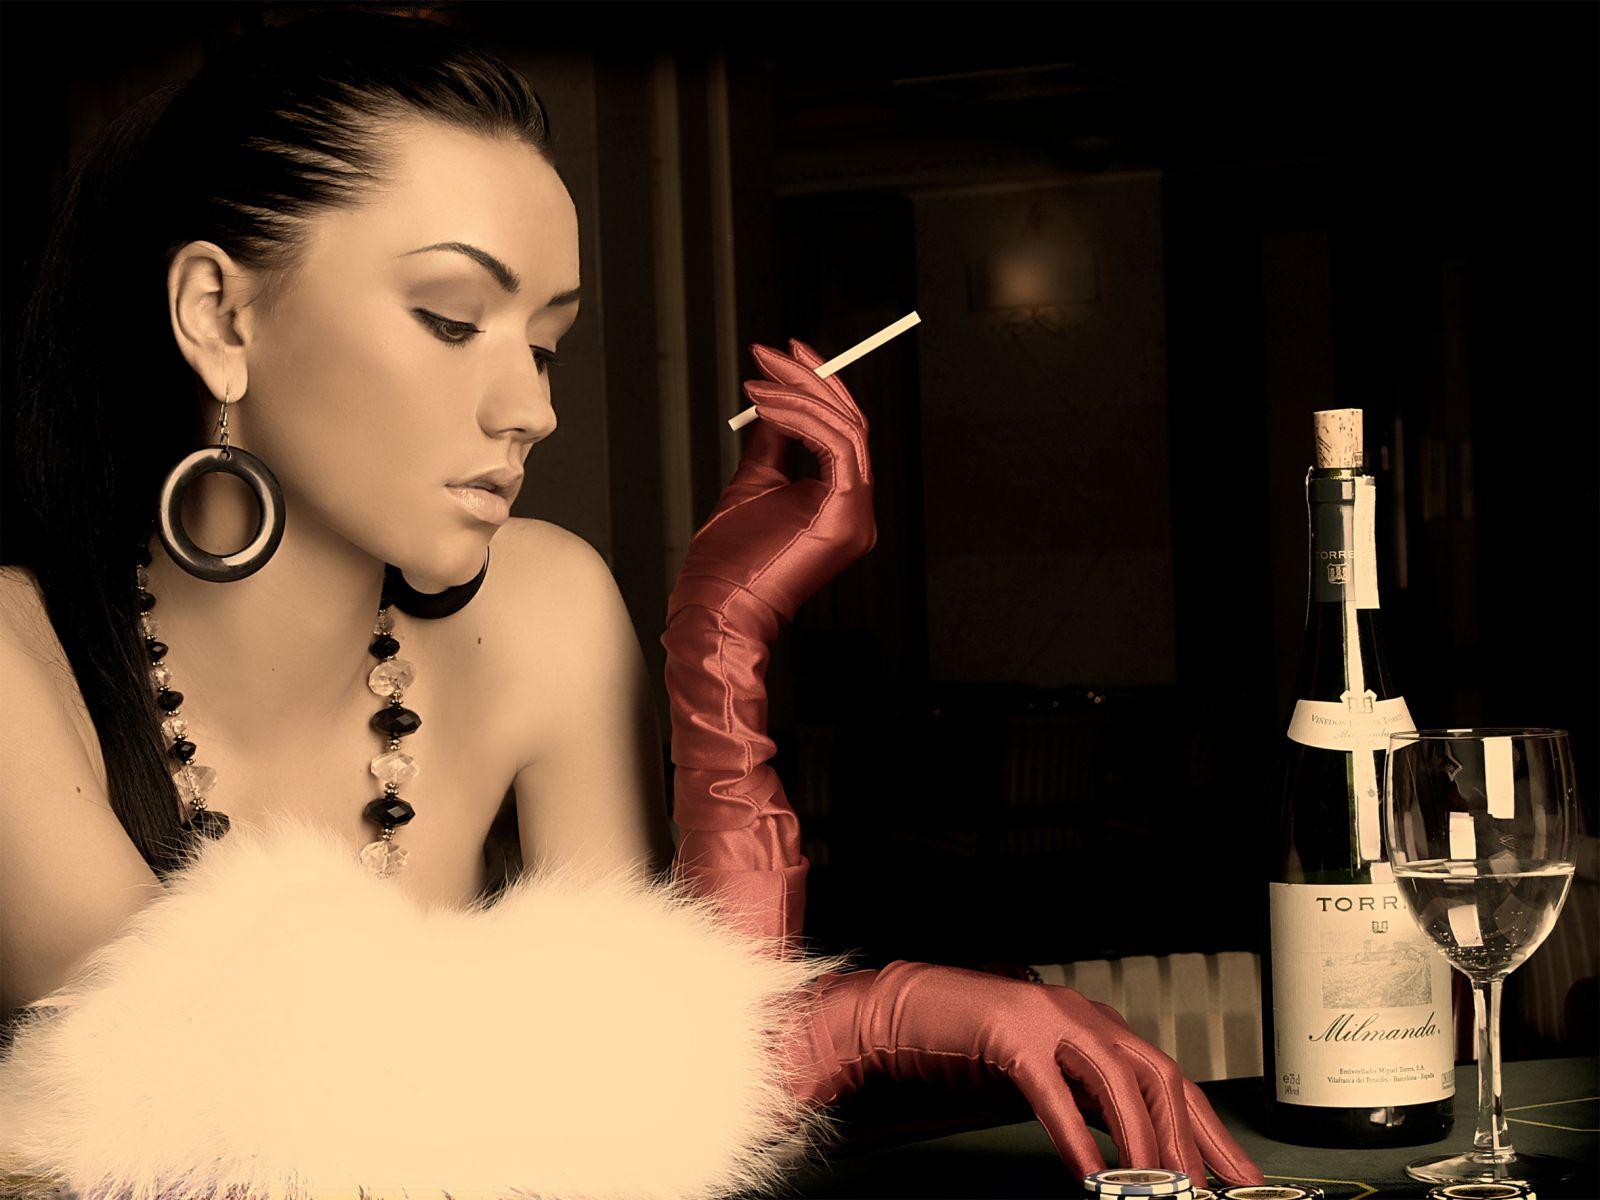 Фото девушка бокал вина сигарета